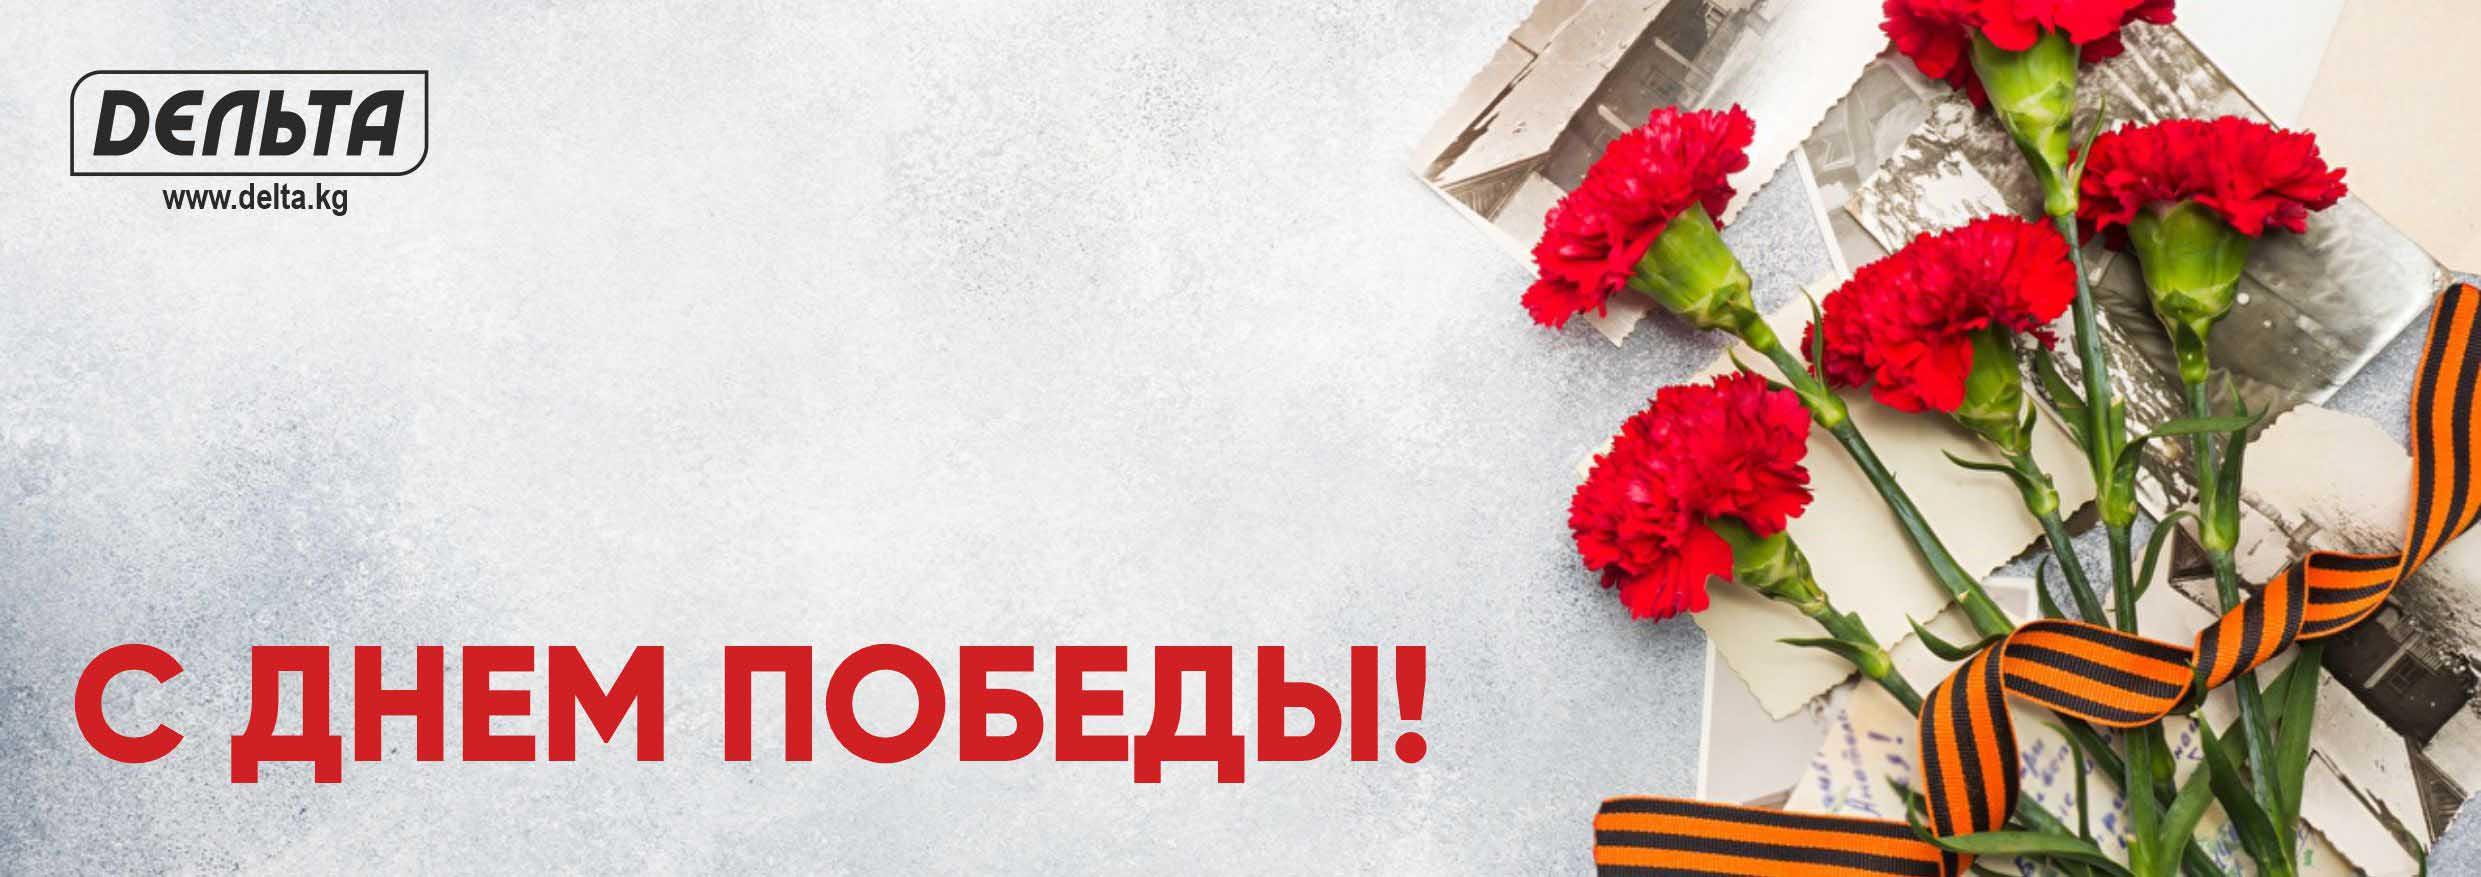 Поздравляем с величайшим праздником - с Днем Победы.